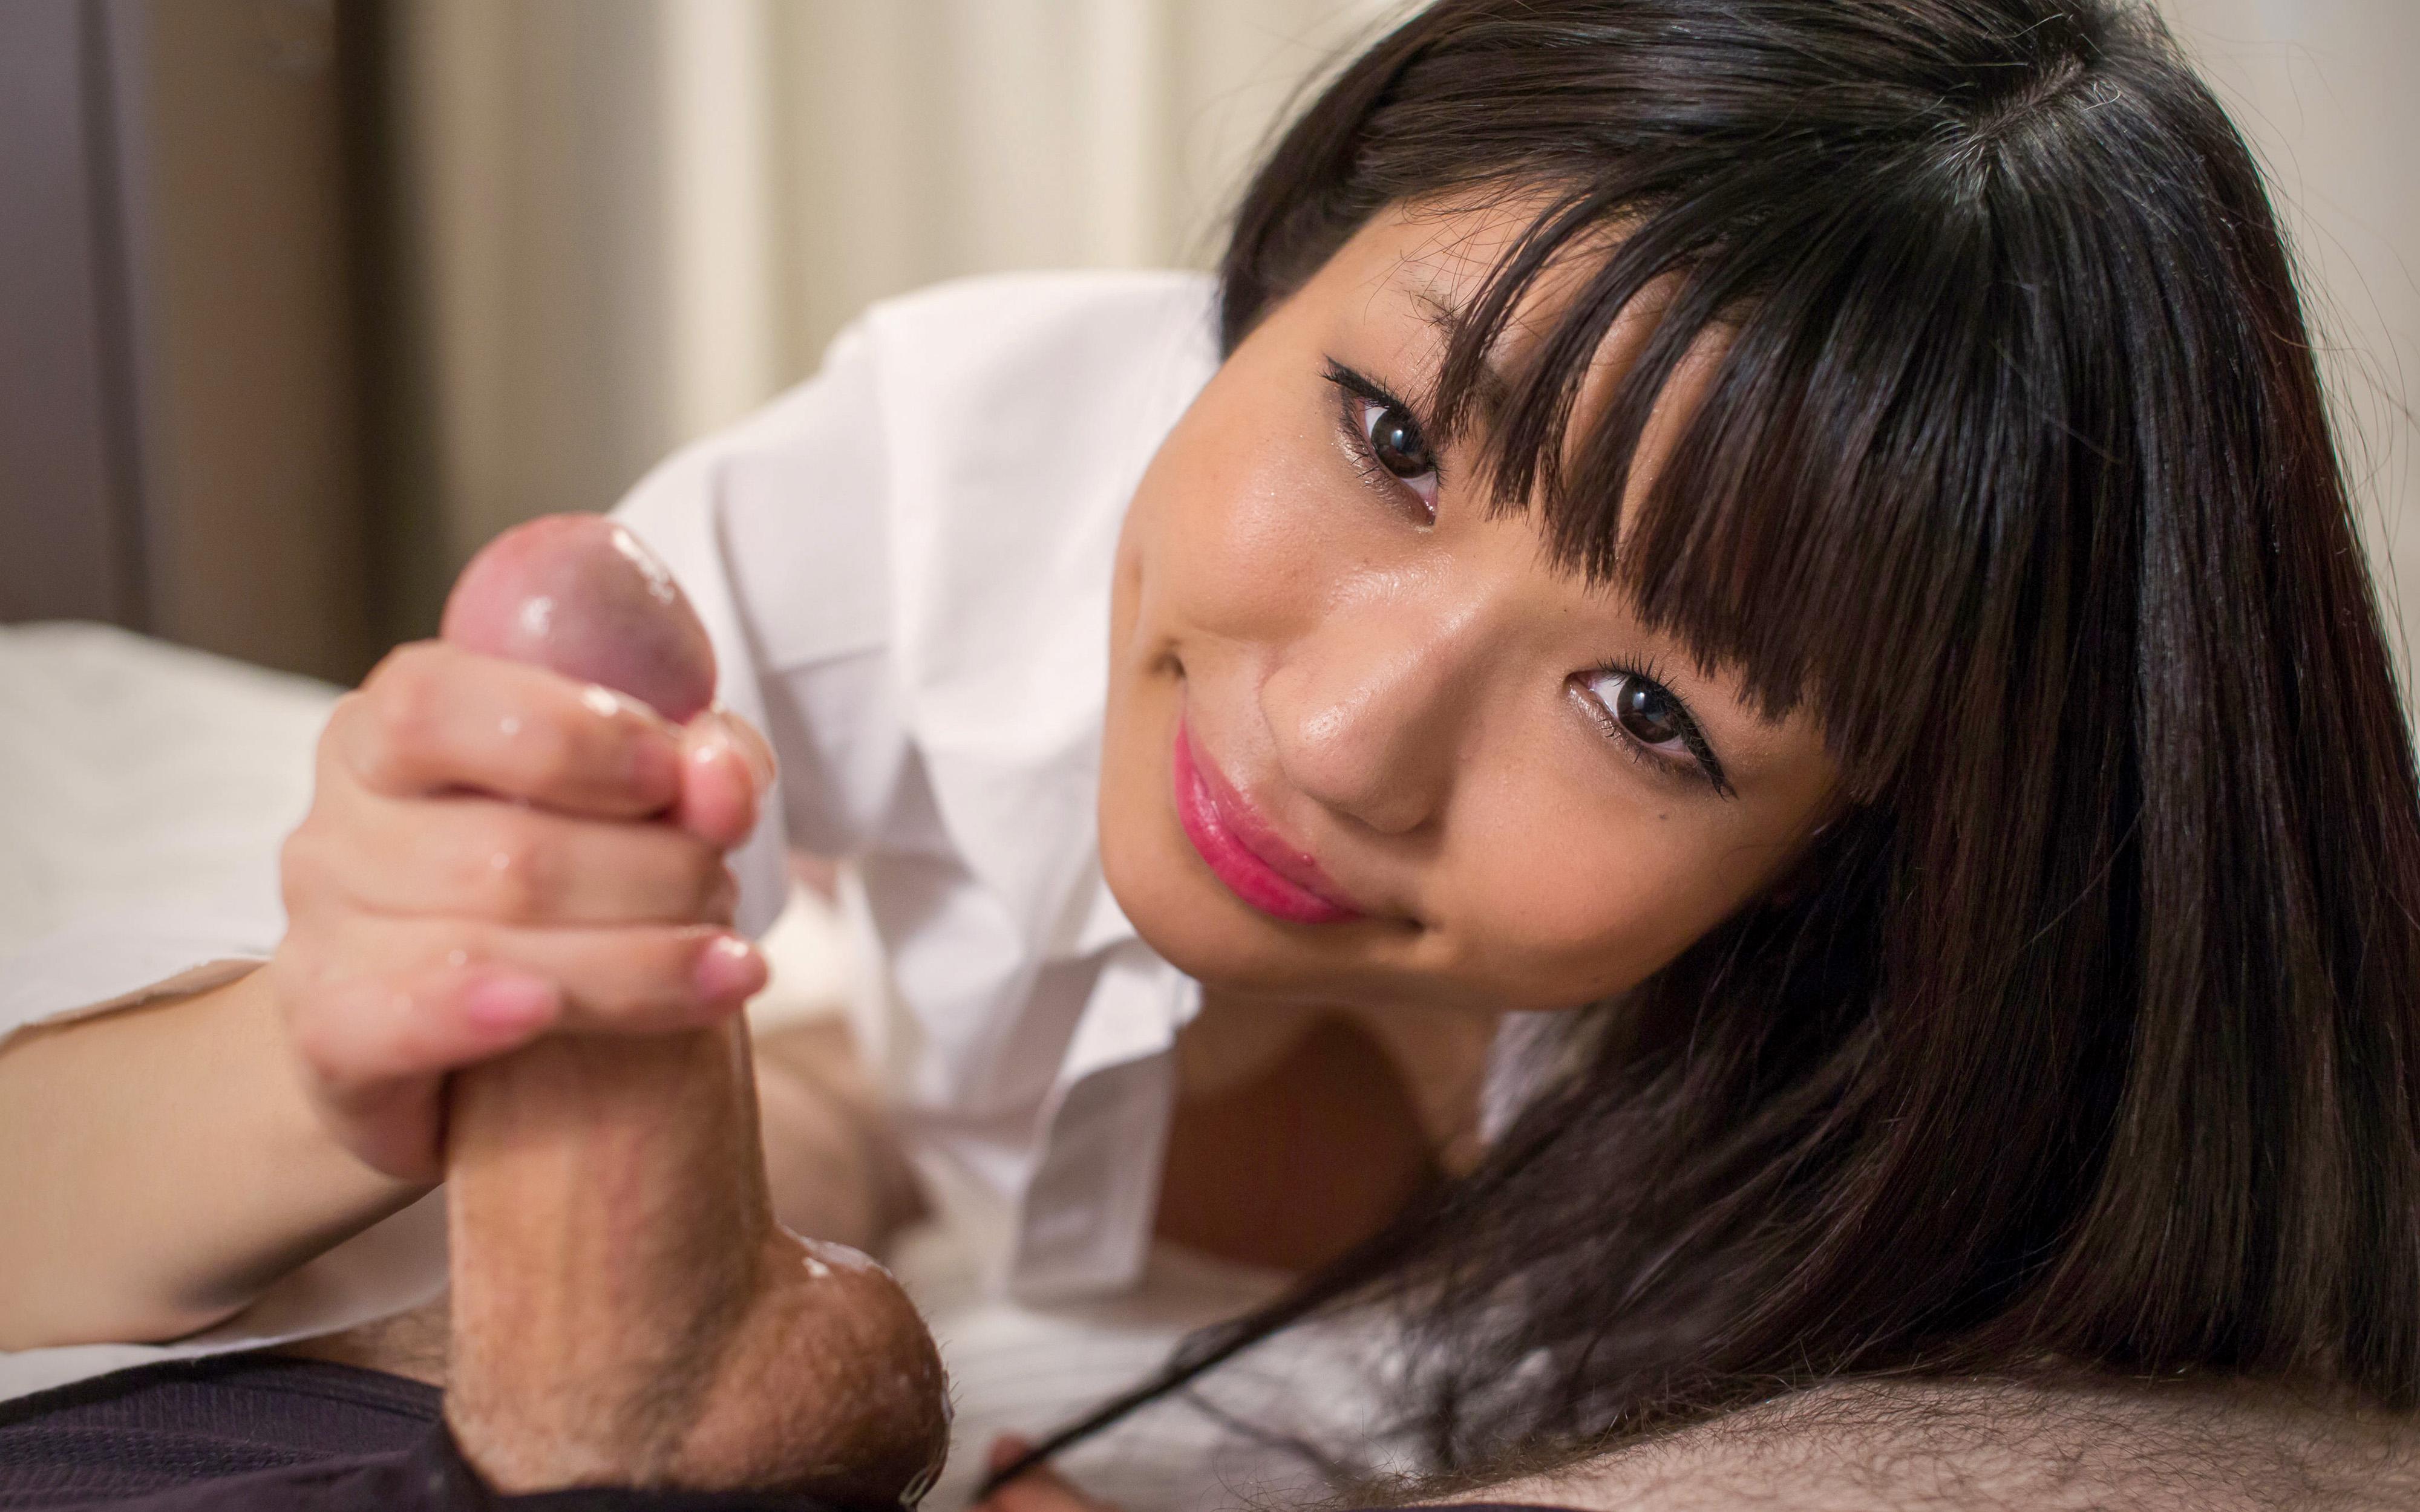 Get handjob in tokyo